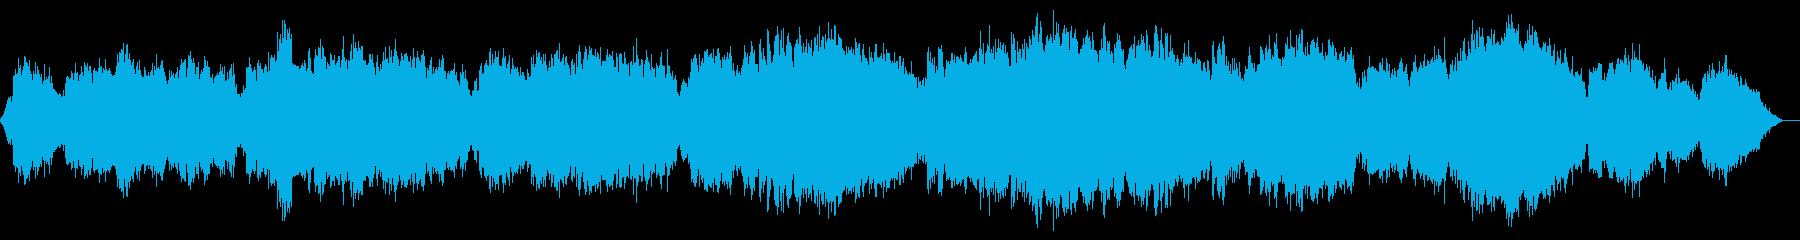 サックスとストリングスのバラードの再生済みの波形